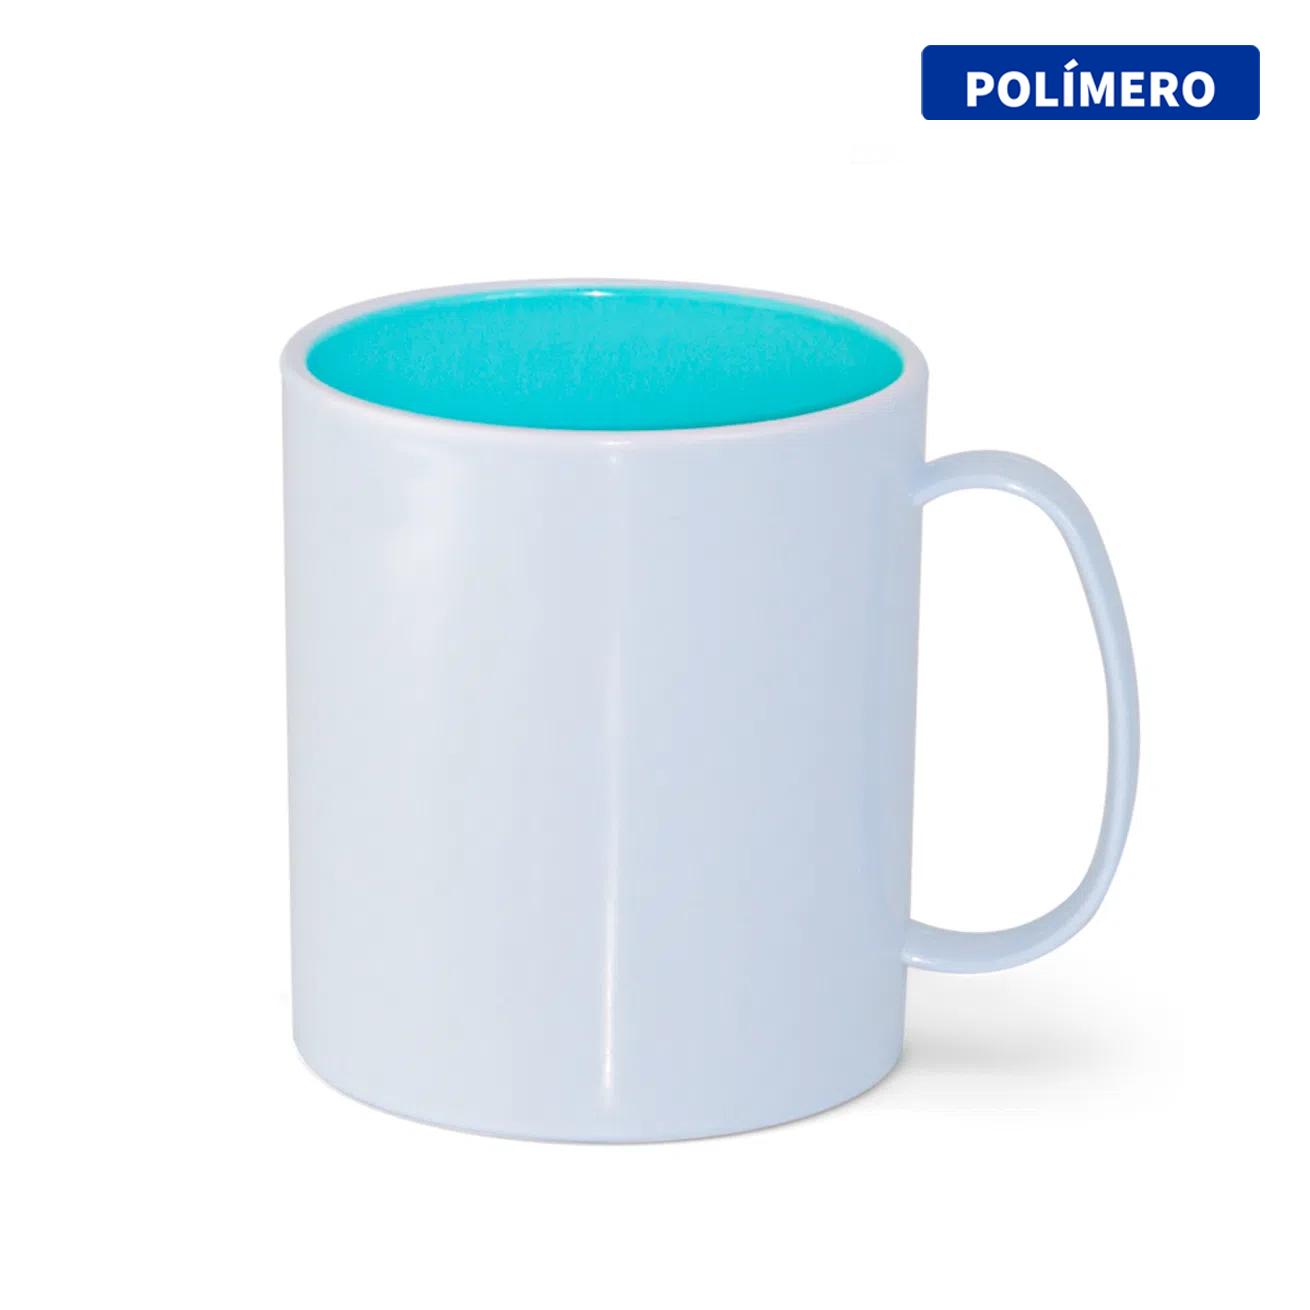 Caneca de Polímero Para Sublimação com Interior Azul Bebê - 325ml